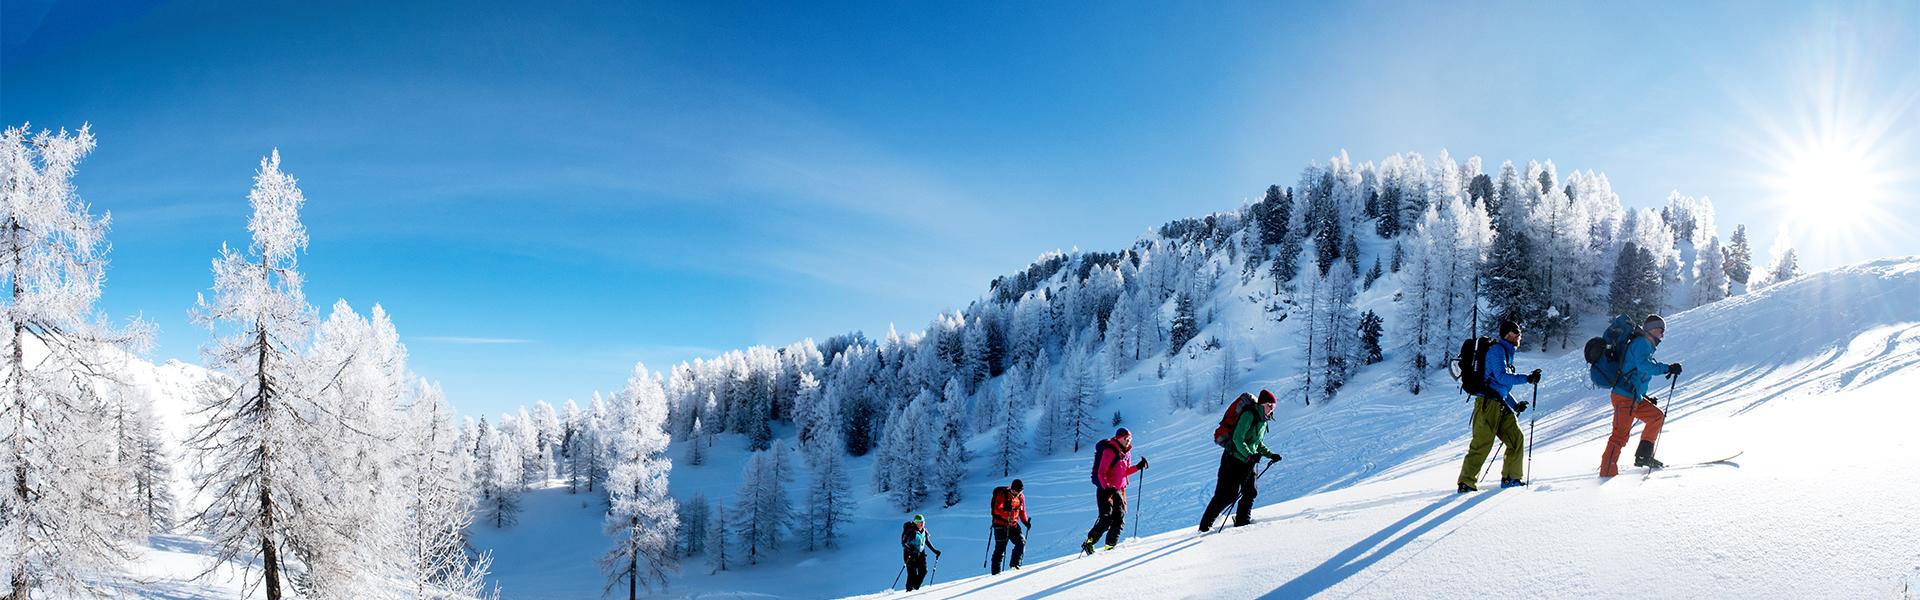 Skitourengruppe im Winter im Aufstieg mit Sonne und glitzerndem Schnee.